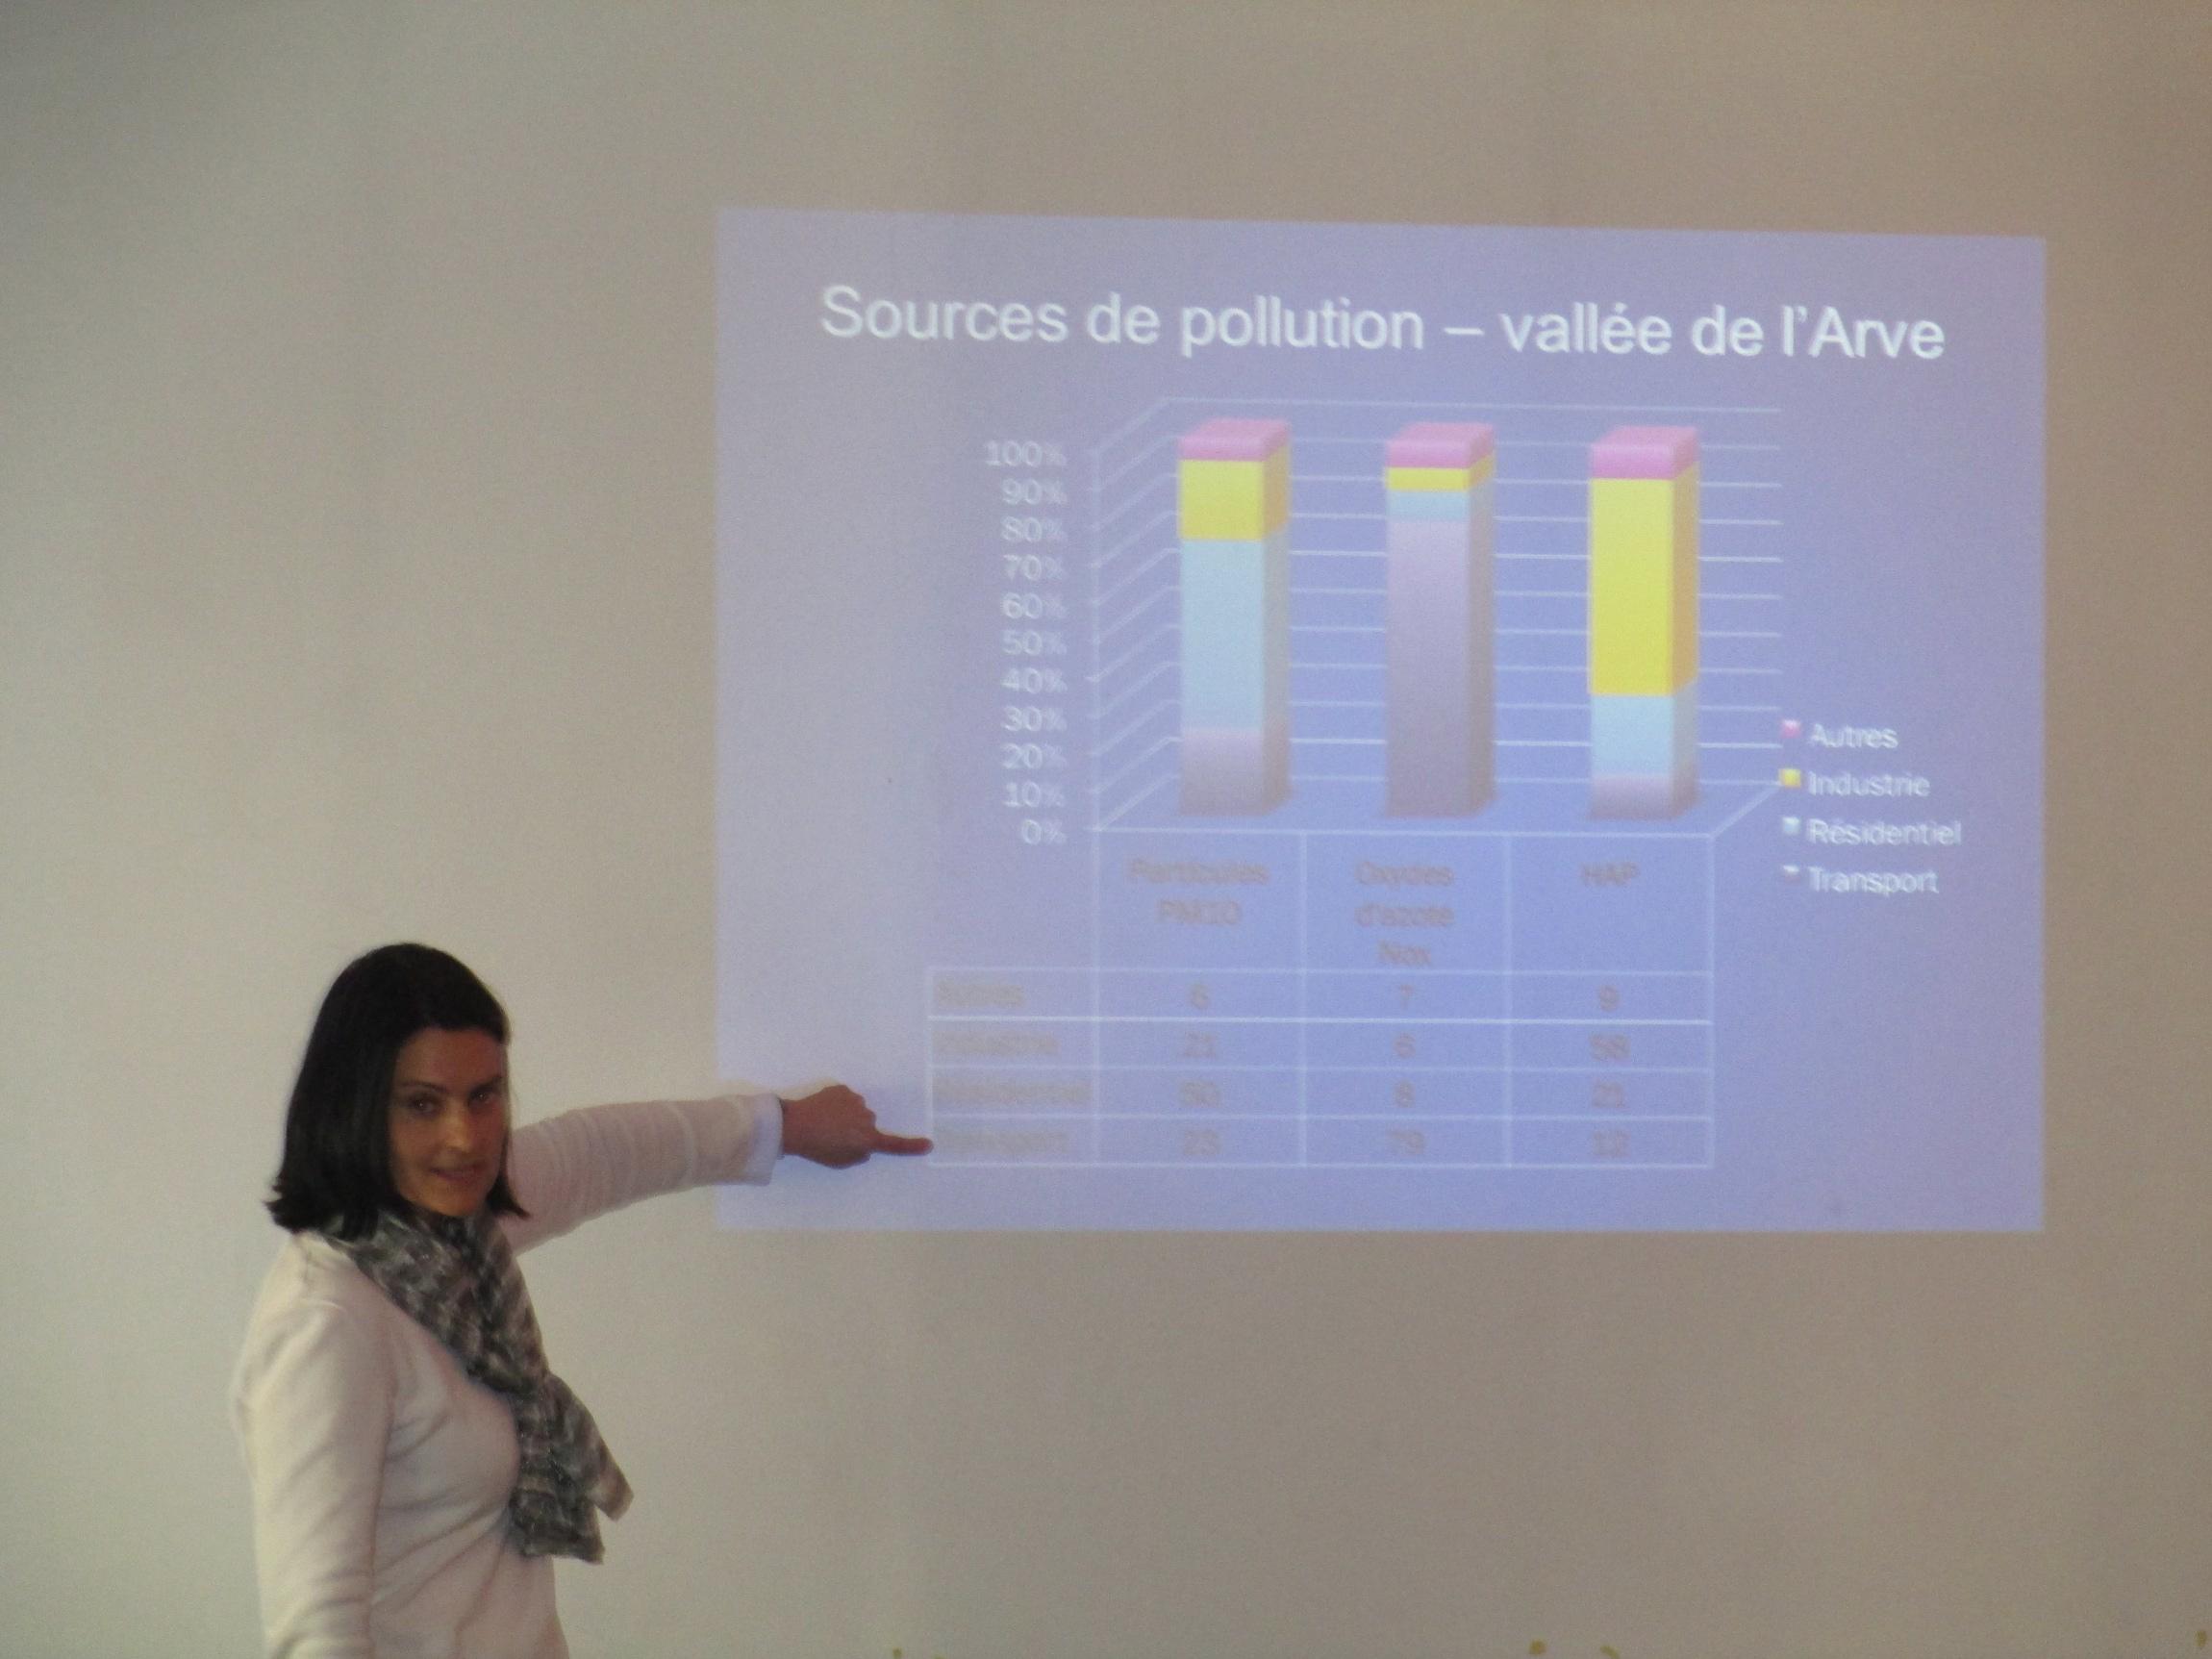 7 février 2013, présentation du PPA de la vallée de l'Arve, Lyon